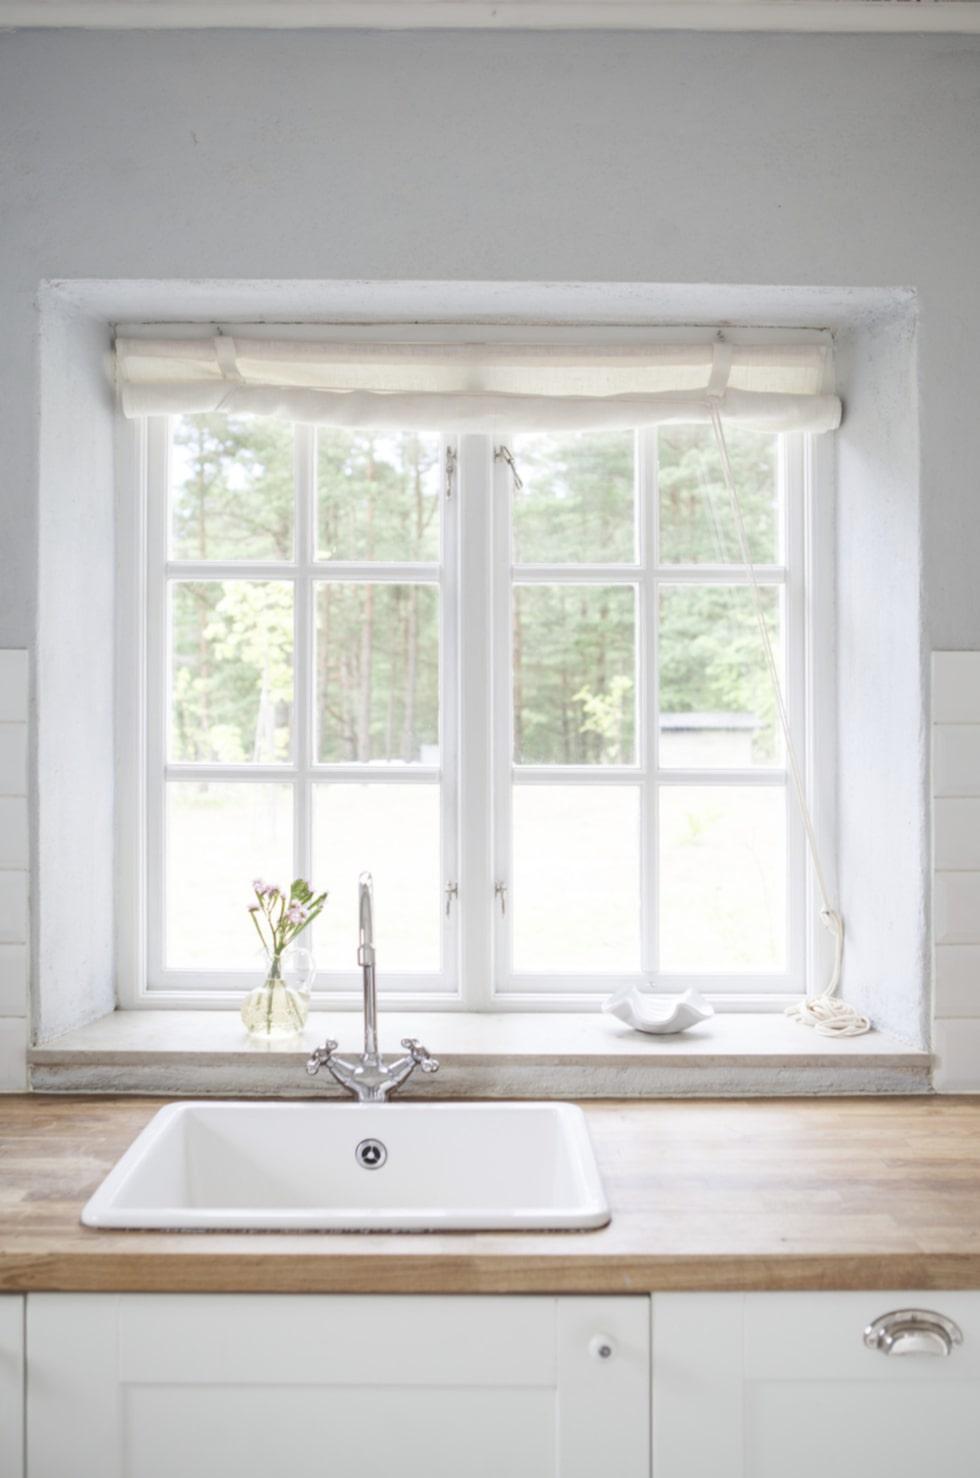 Utsikten från köksfönstret.